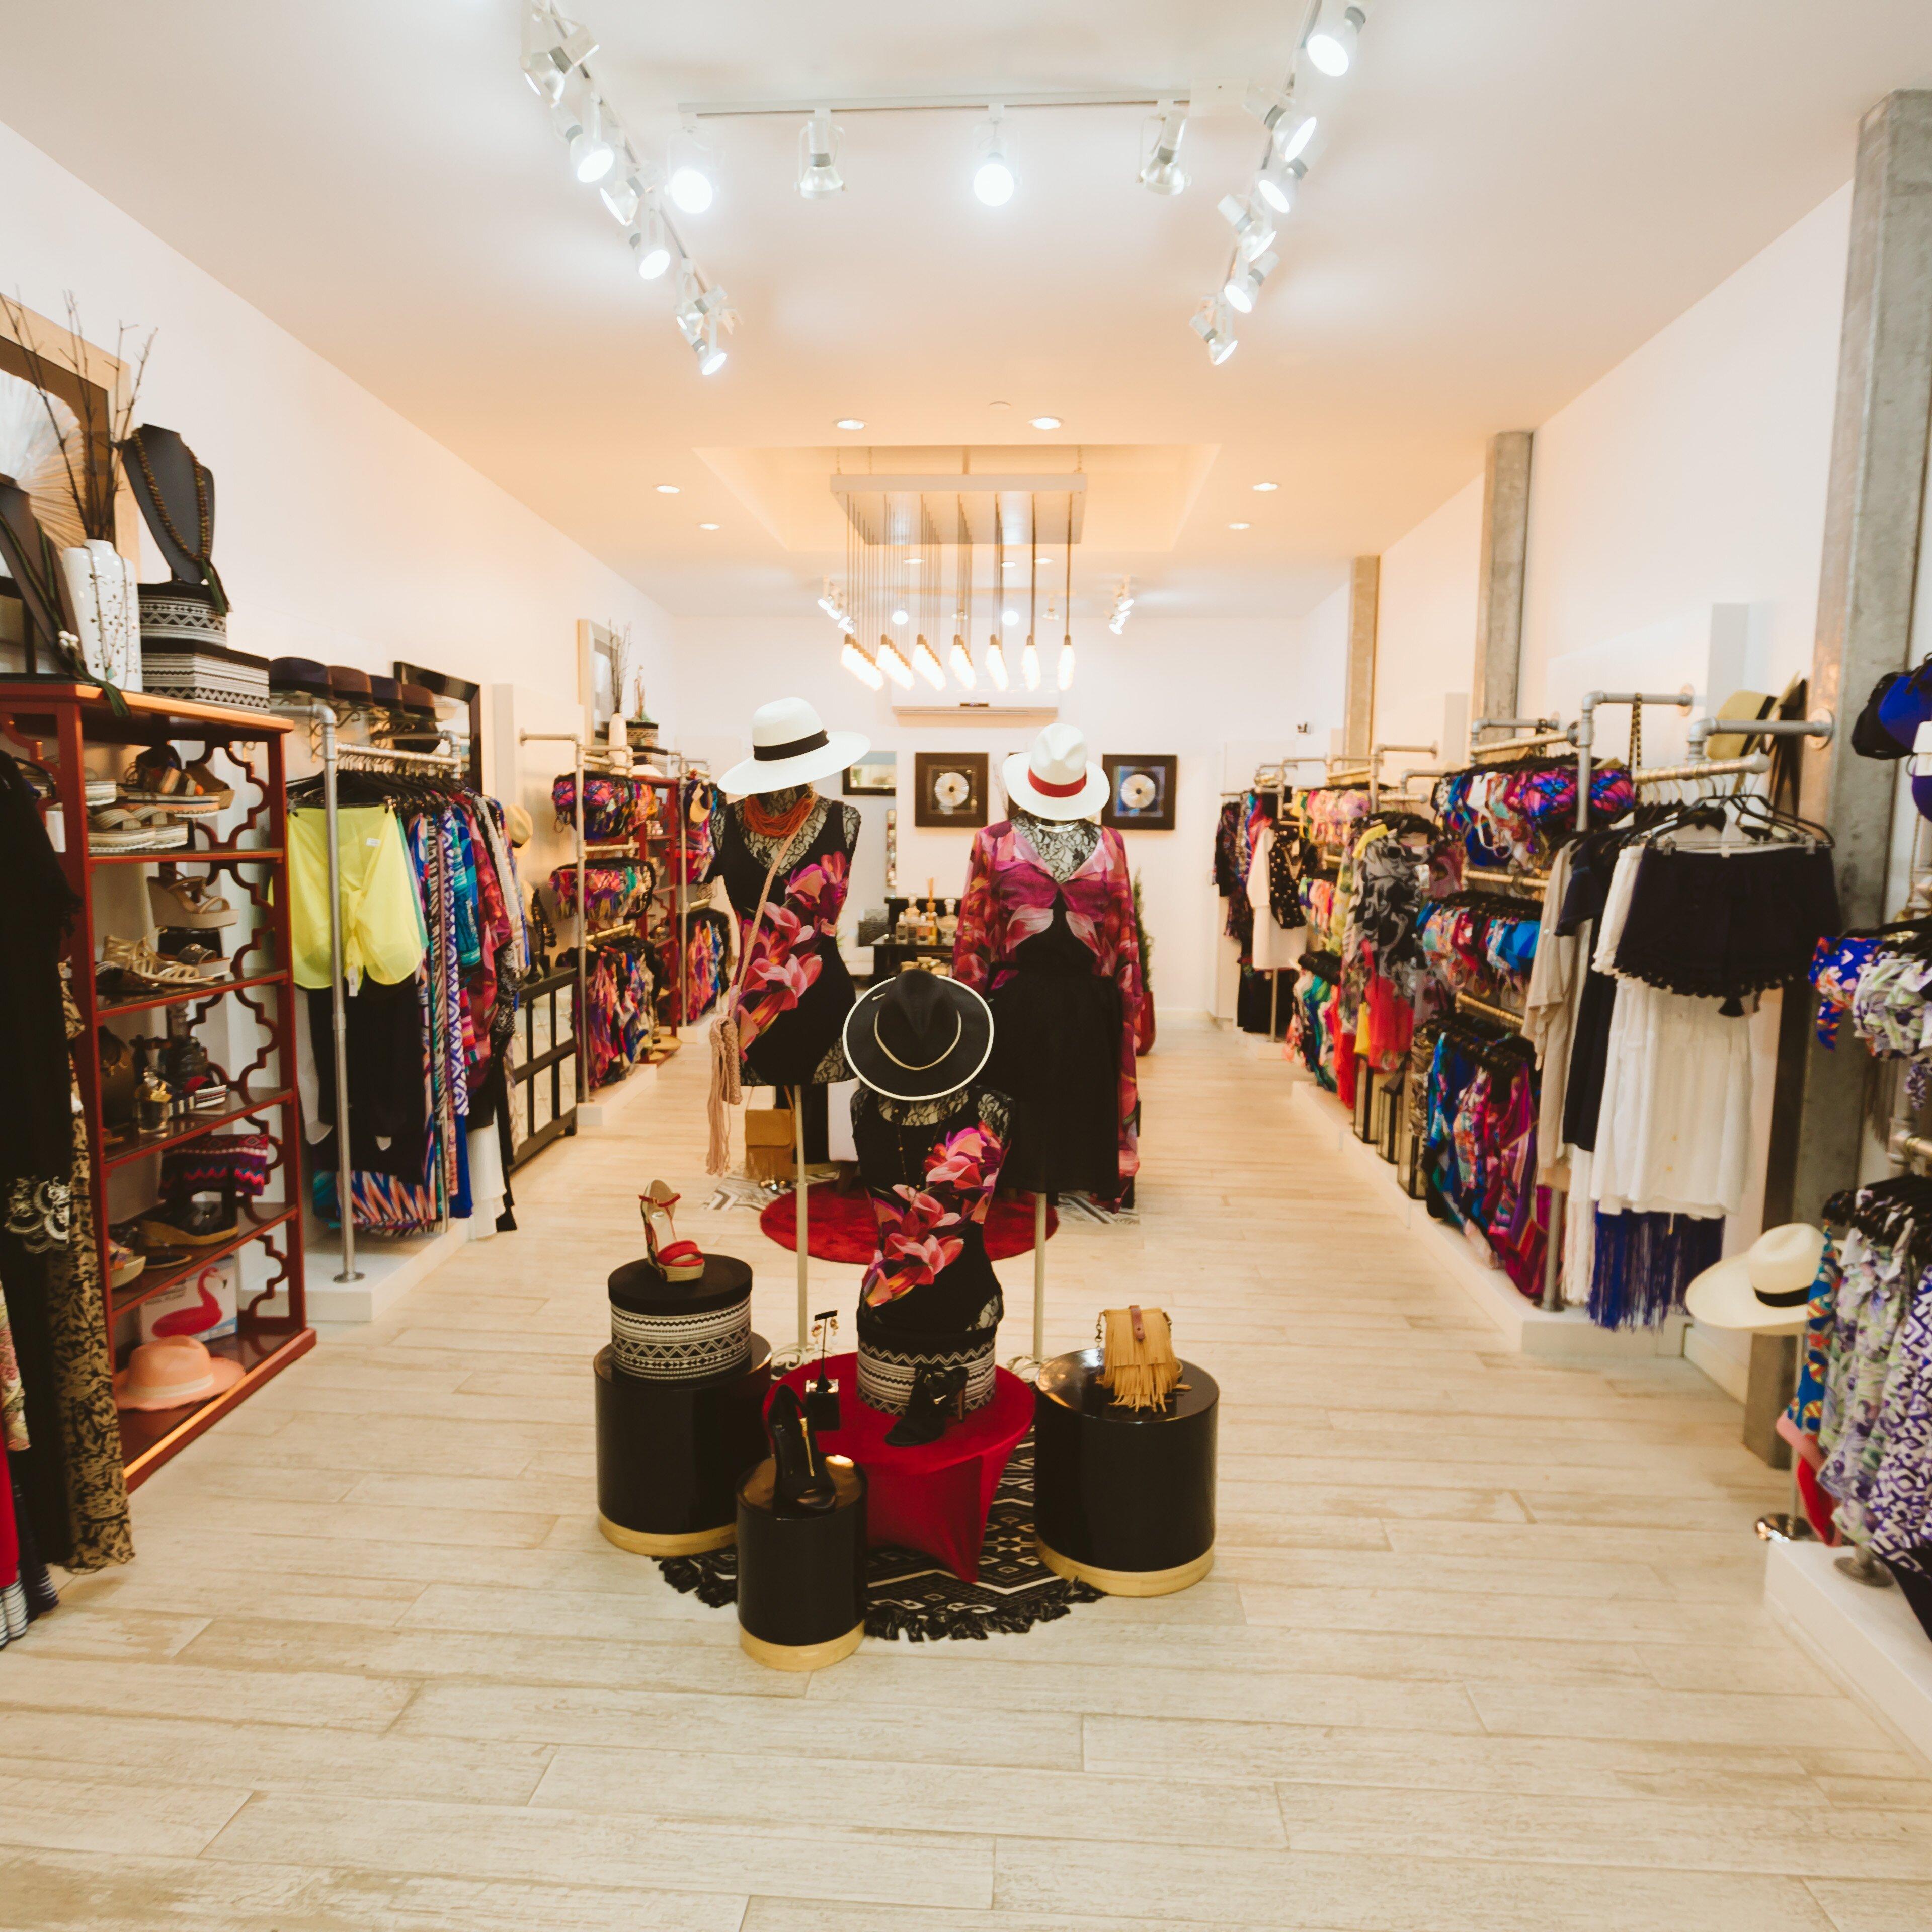 20a898a7c Tiendas de ropa y trajes de baño para mujeres en Aruba  Eva Boutique